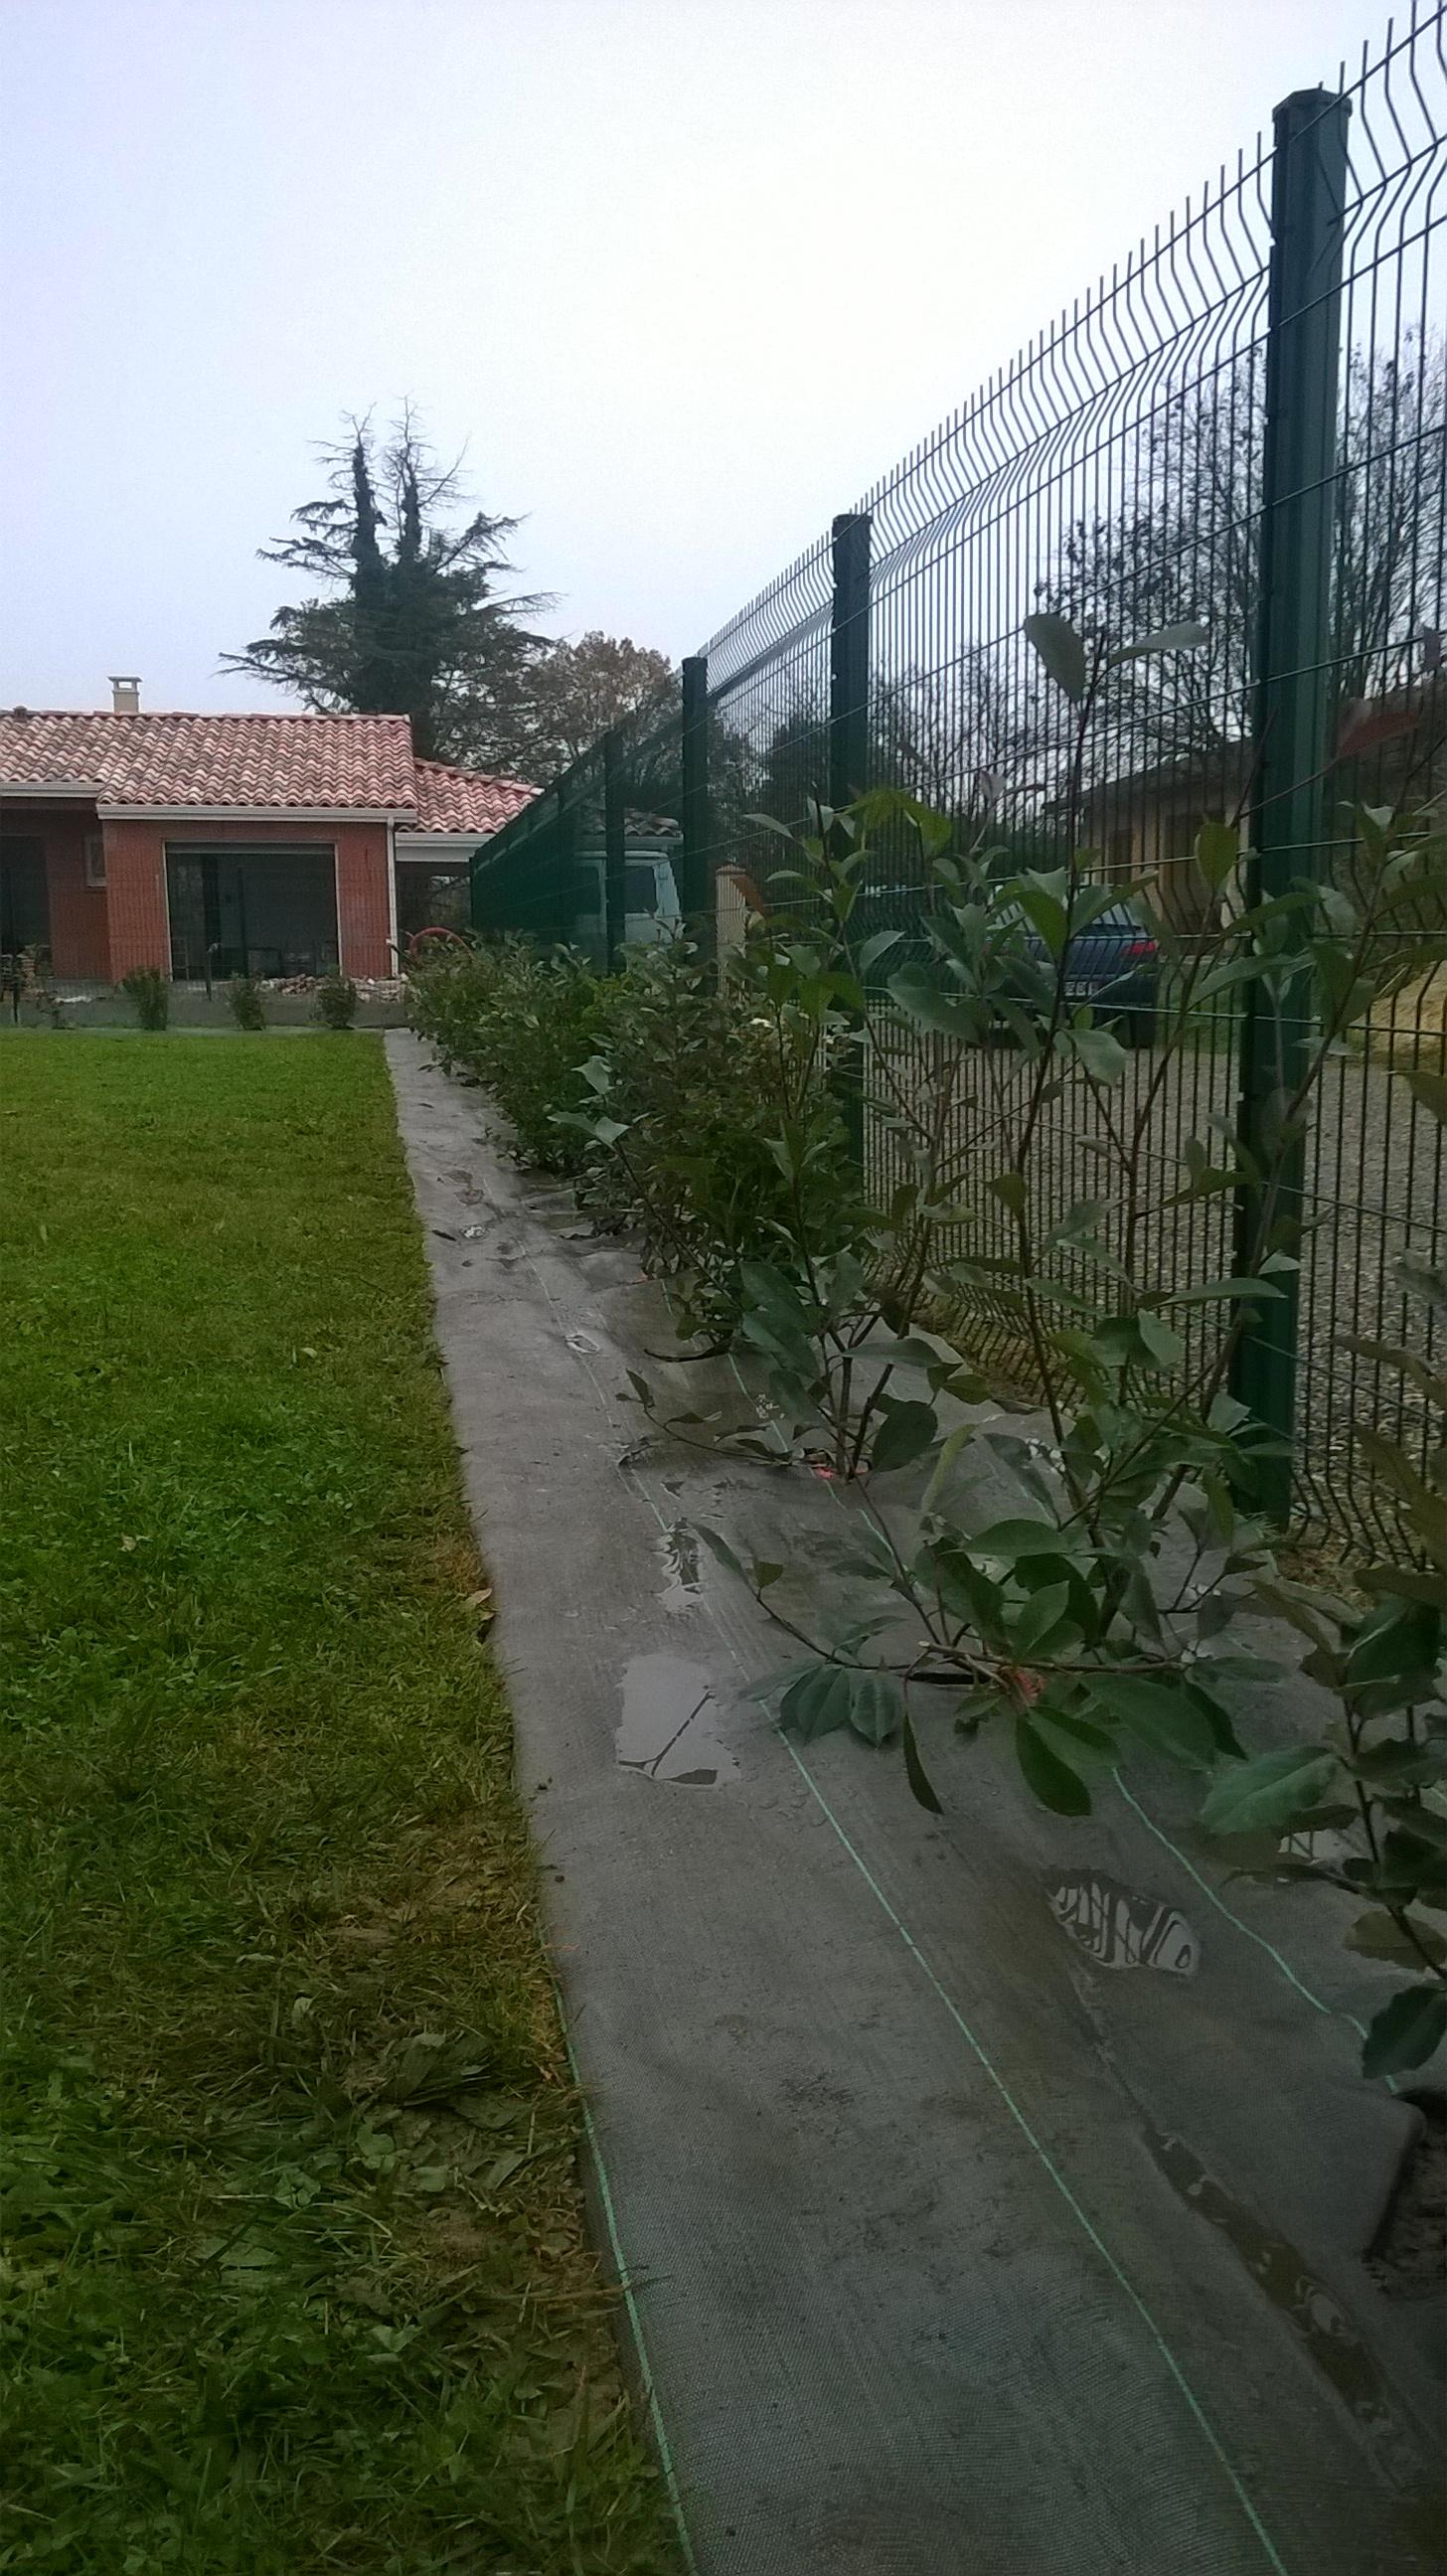 Plantation d'une haie variée : Photinia Red Robin, Elaeagnus ebbingei, Viburnum tinus, Prunus lusitanica, Euonymus japonicus